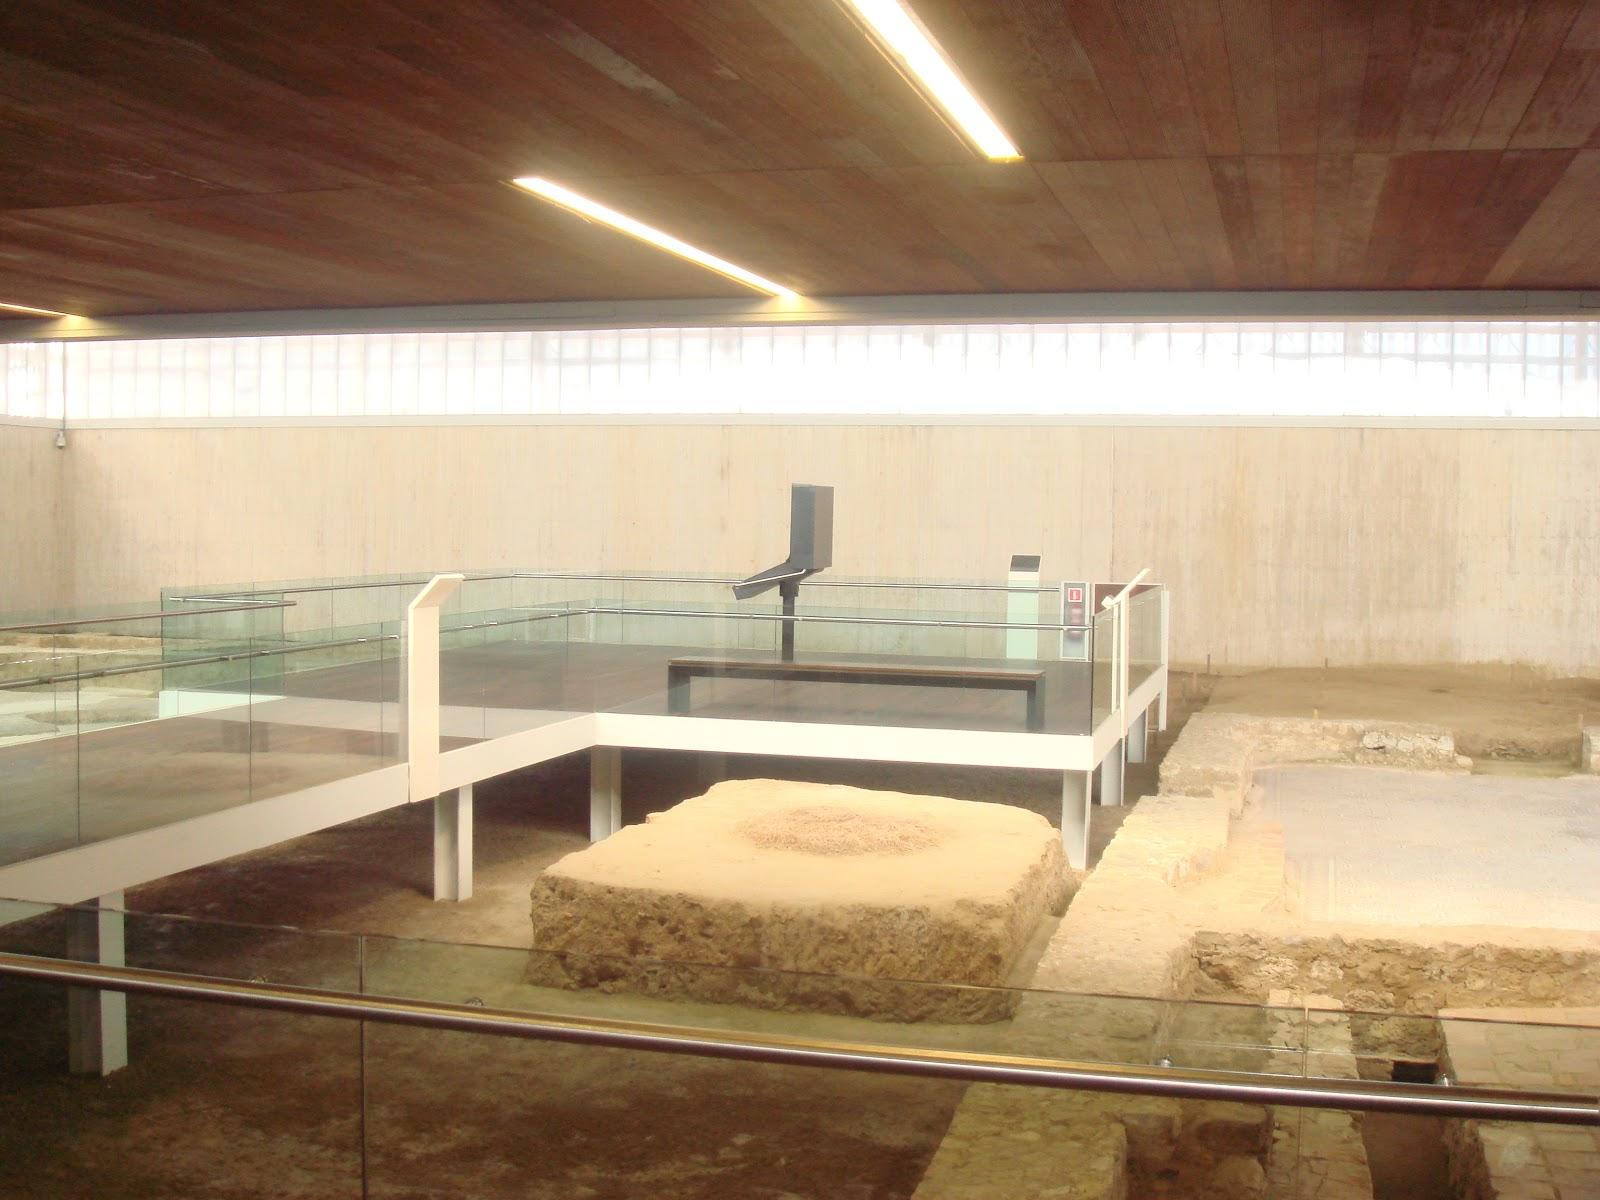 Mosaico De Aquiles En Skyros De La Villa De La Olmeda # Muebles Pous Granollers